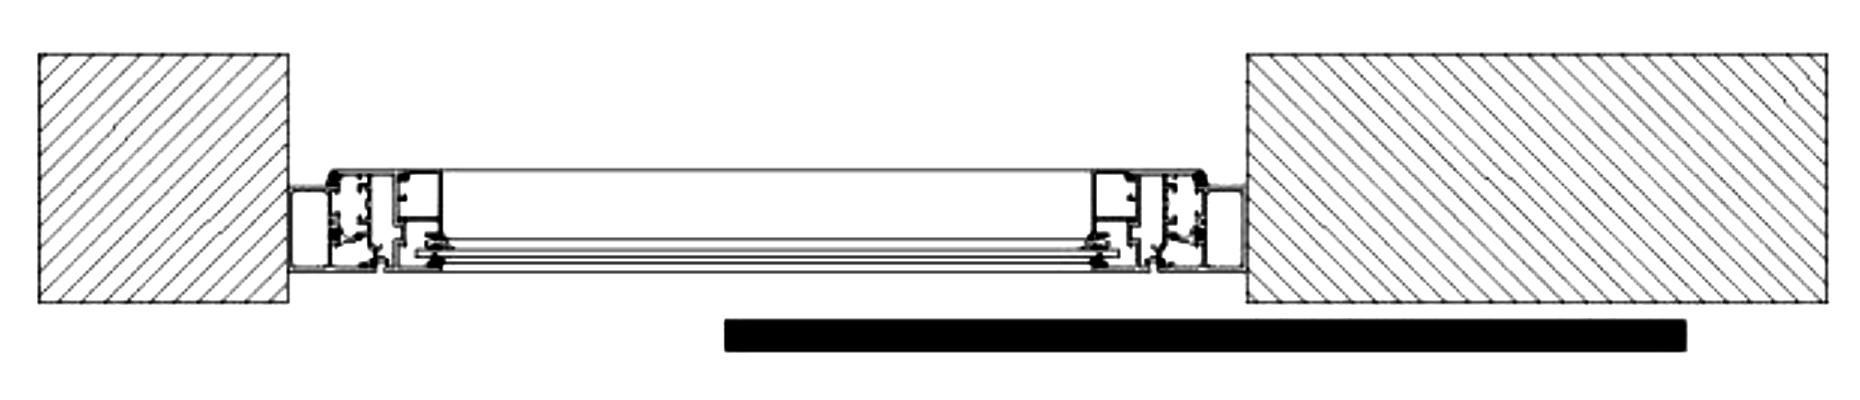 Sliding Shutters Division Diagram 1l1l